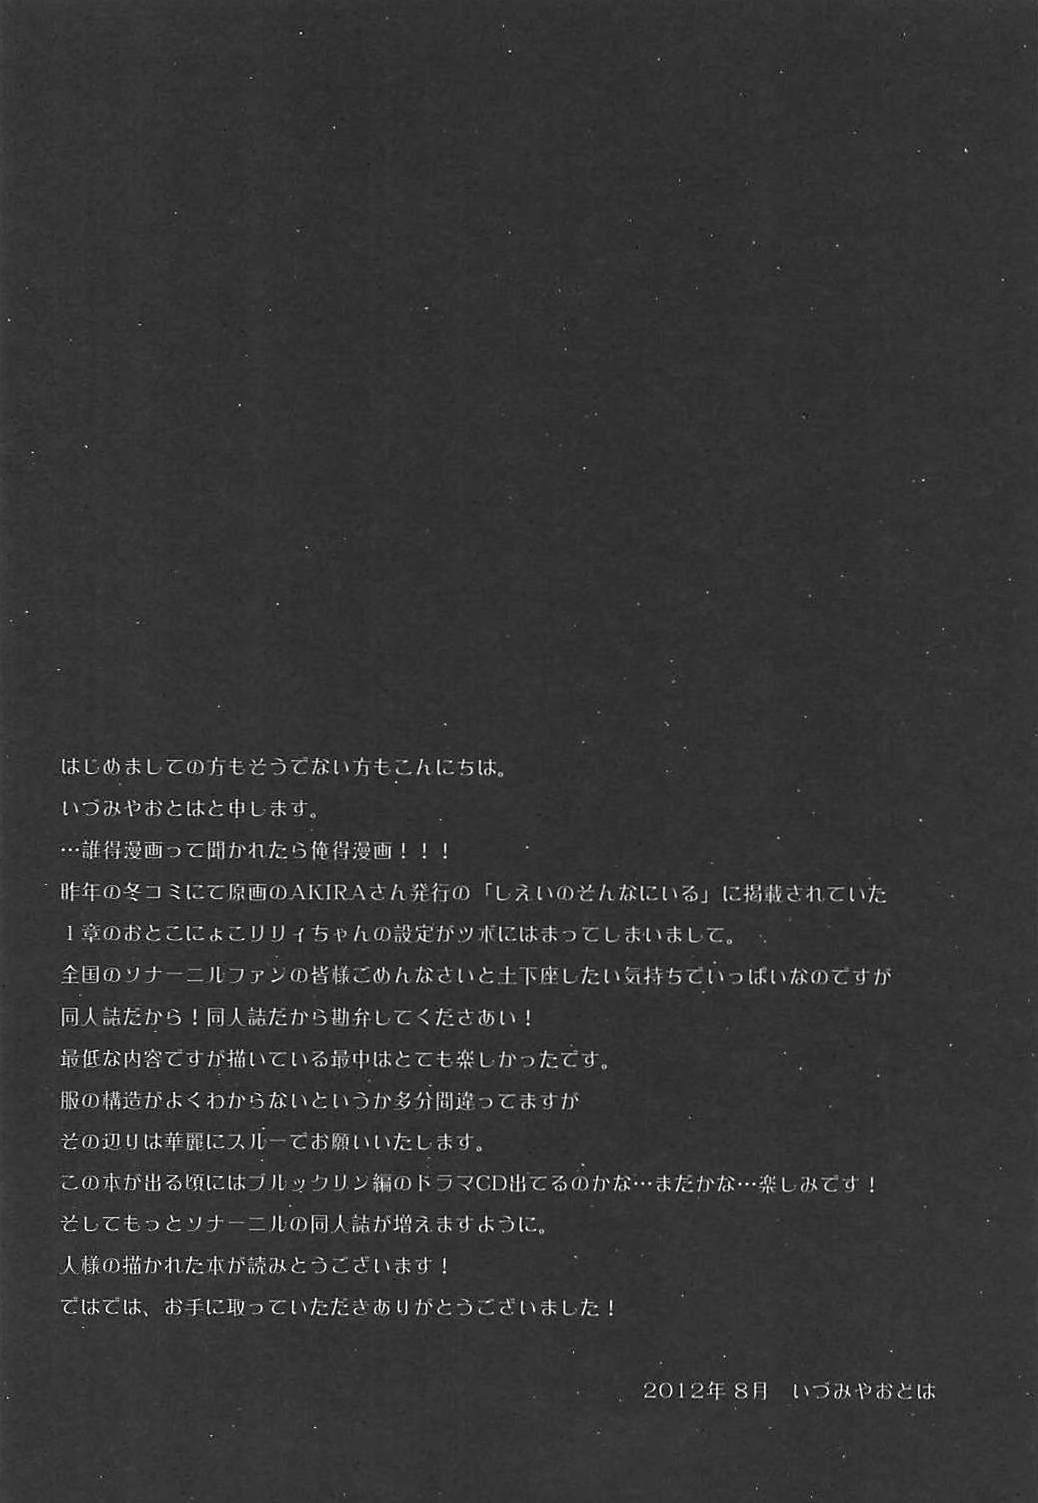 Metamorphose 22